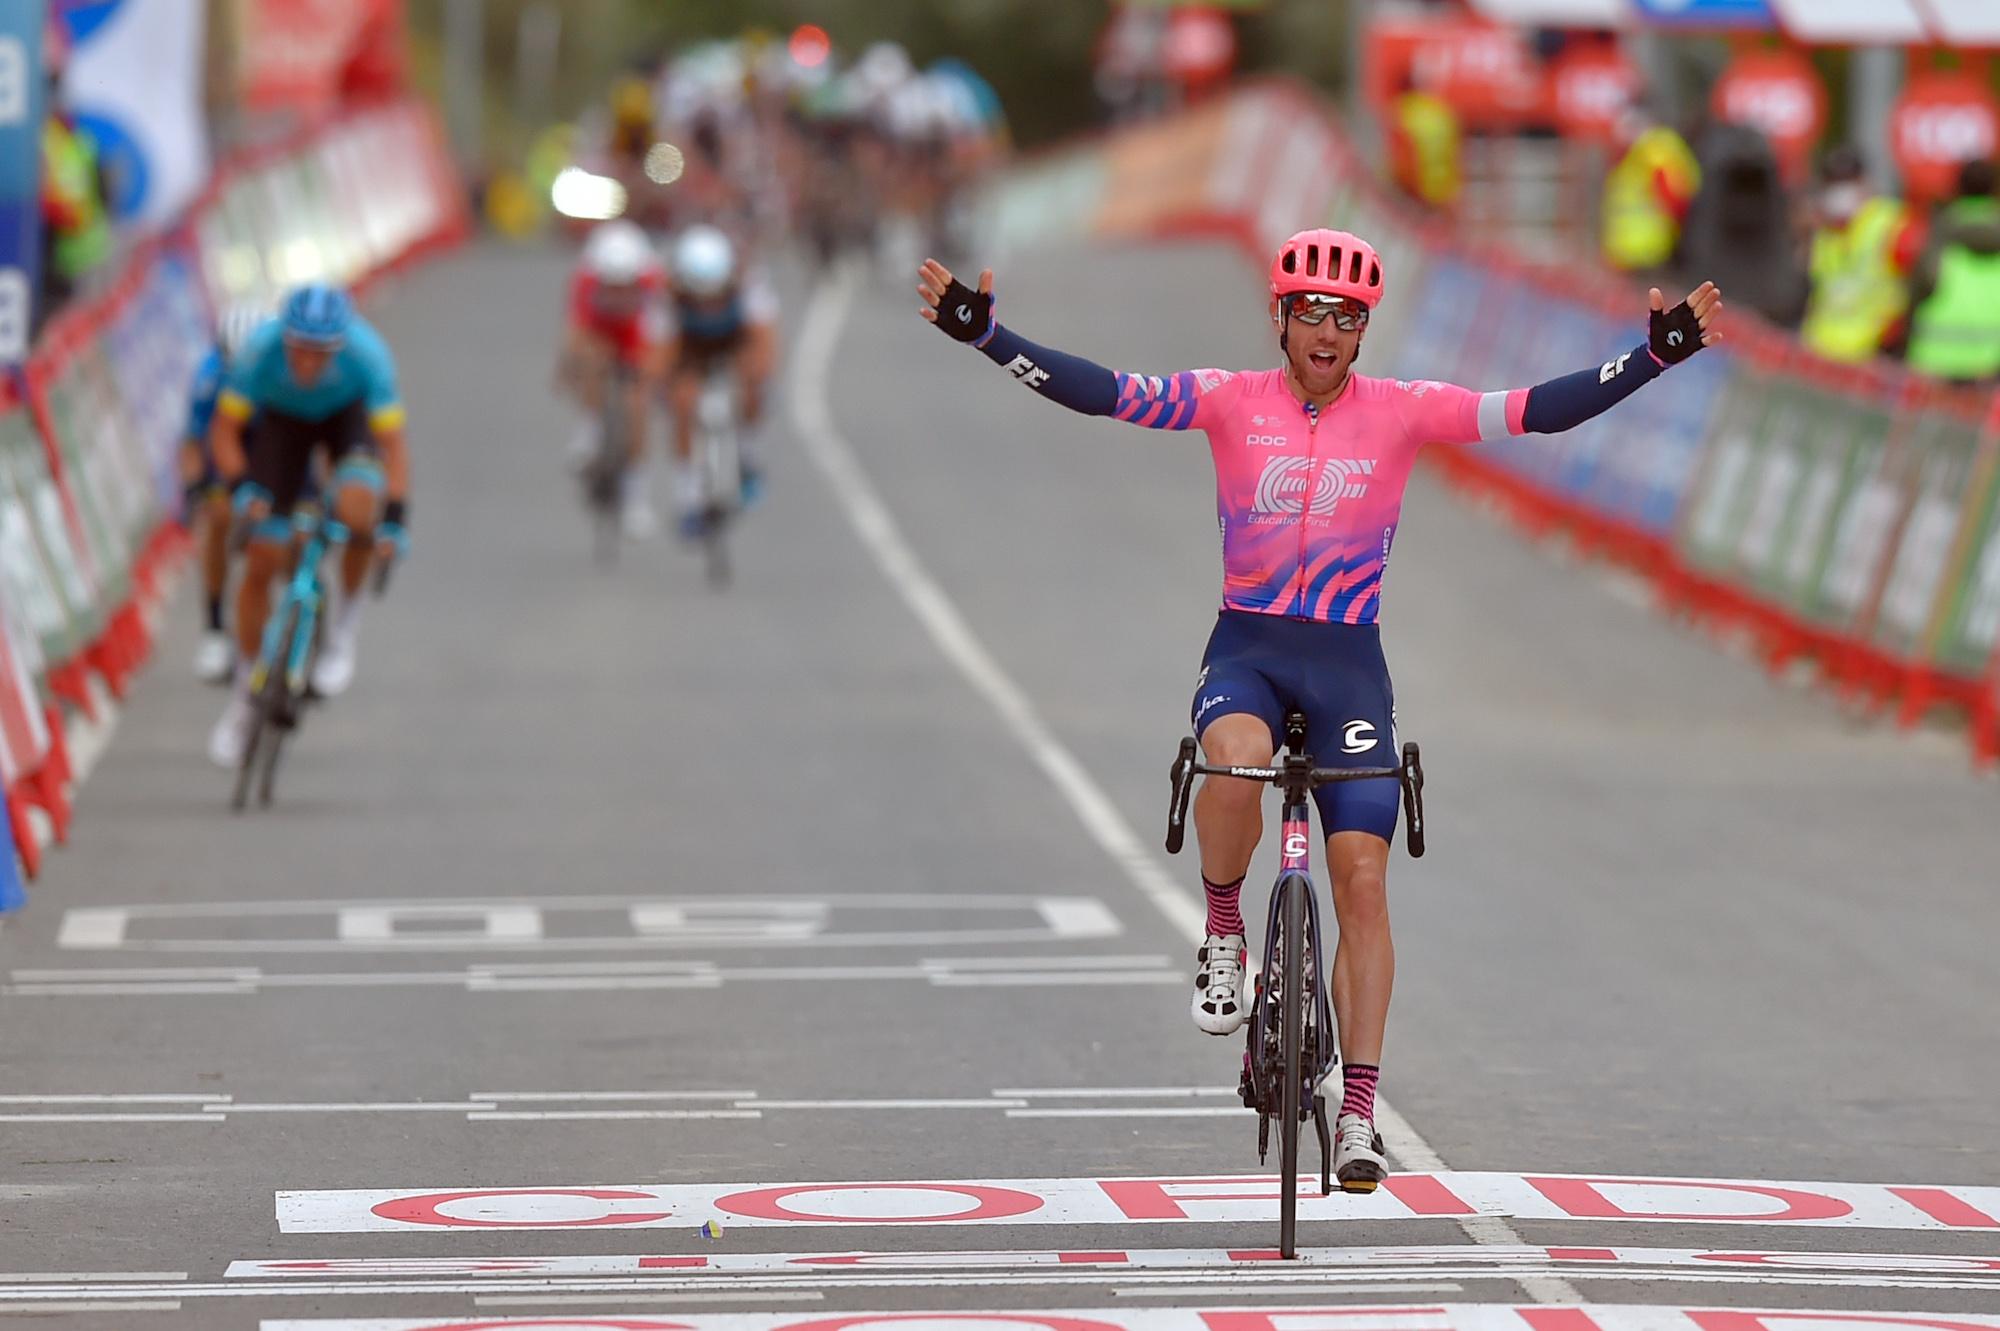 Michael Woods greift spät an, um auf der siebten Etappe der Vuelta a España 2020 das Solo des Ausreißers zu gewinnen